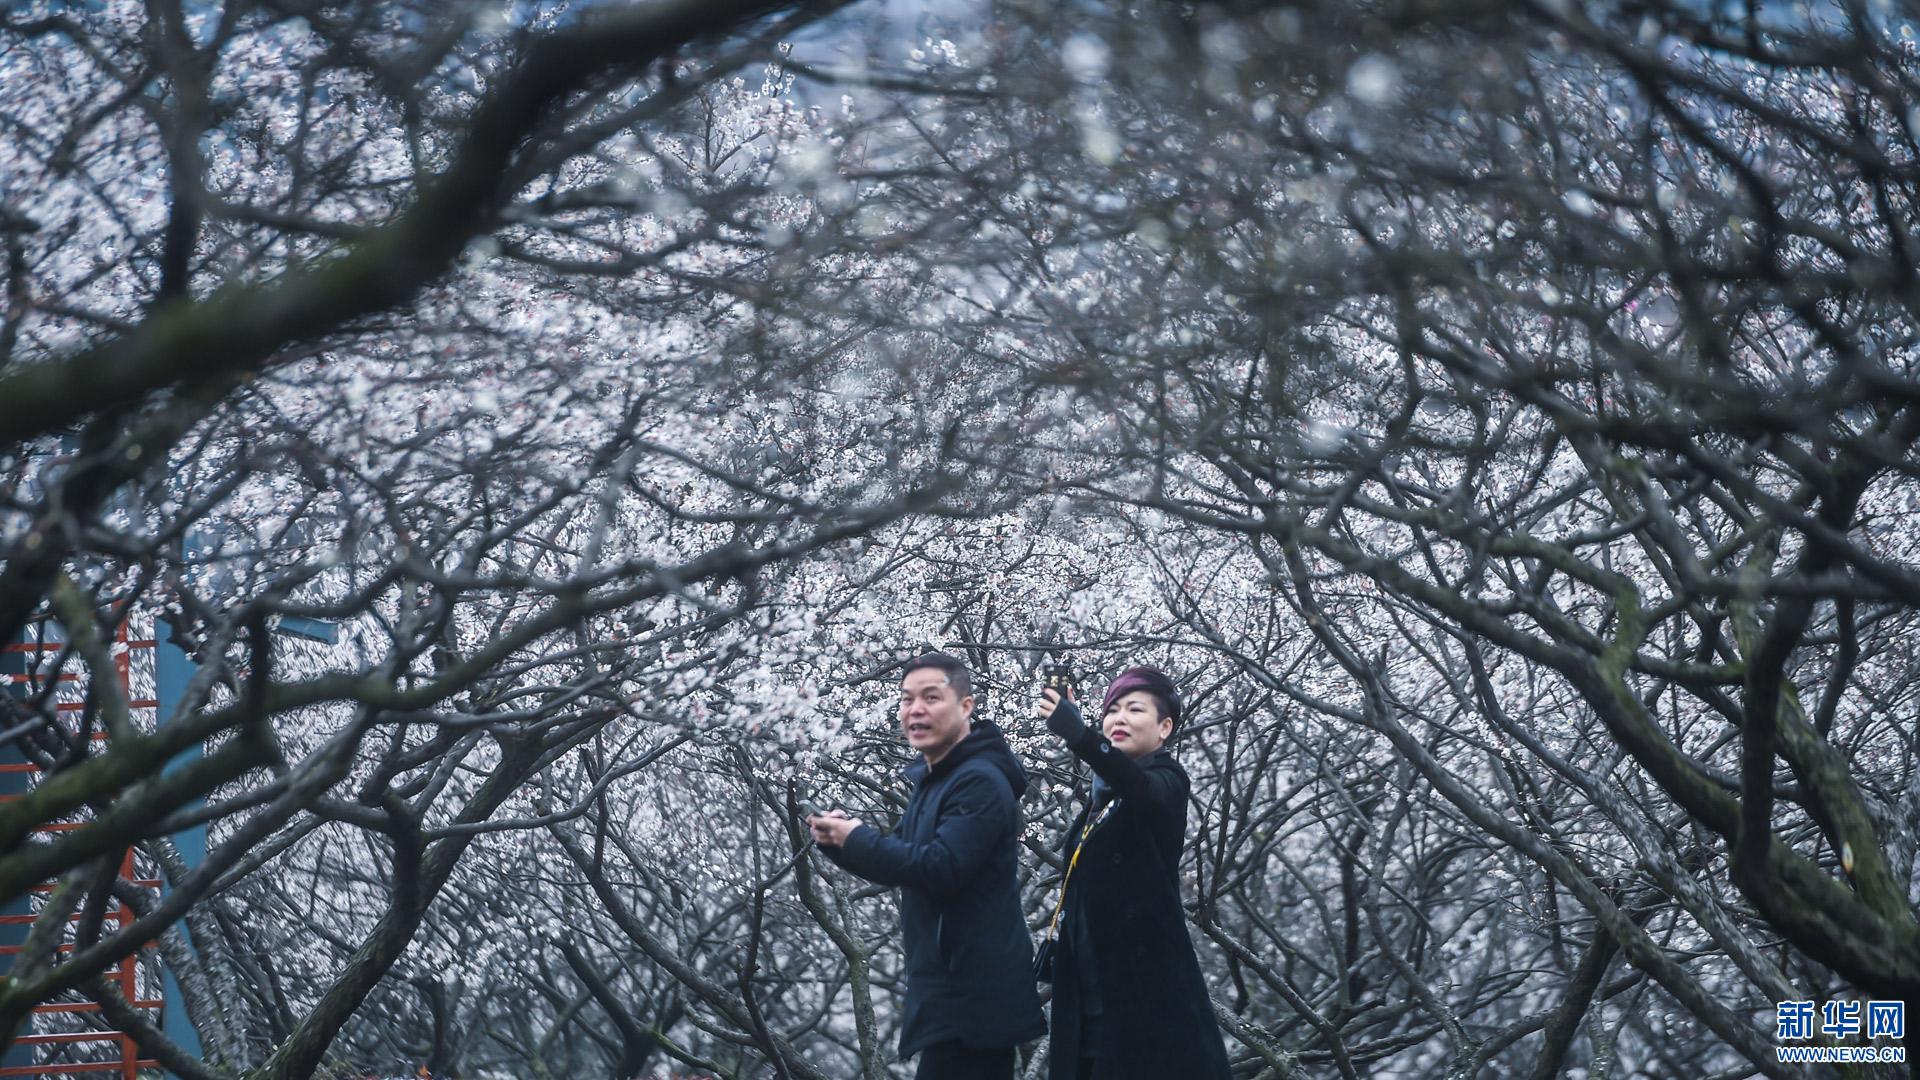 立春前后,浙江省杭州市余杭区超山风景区5万多株梅花